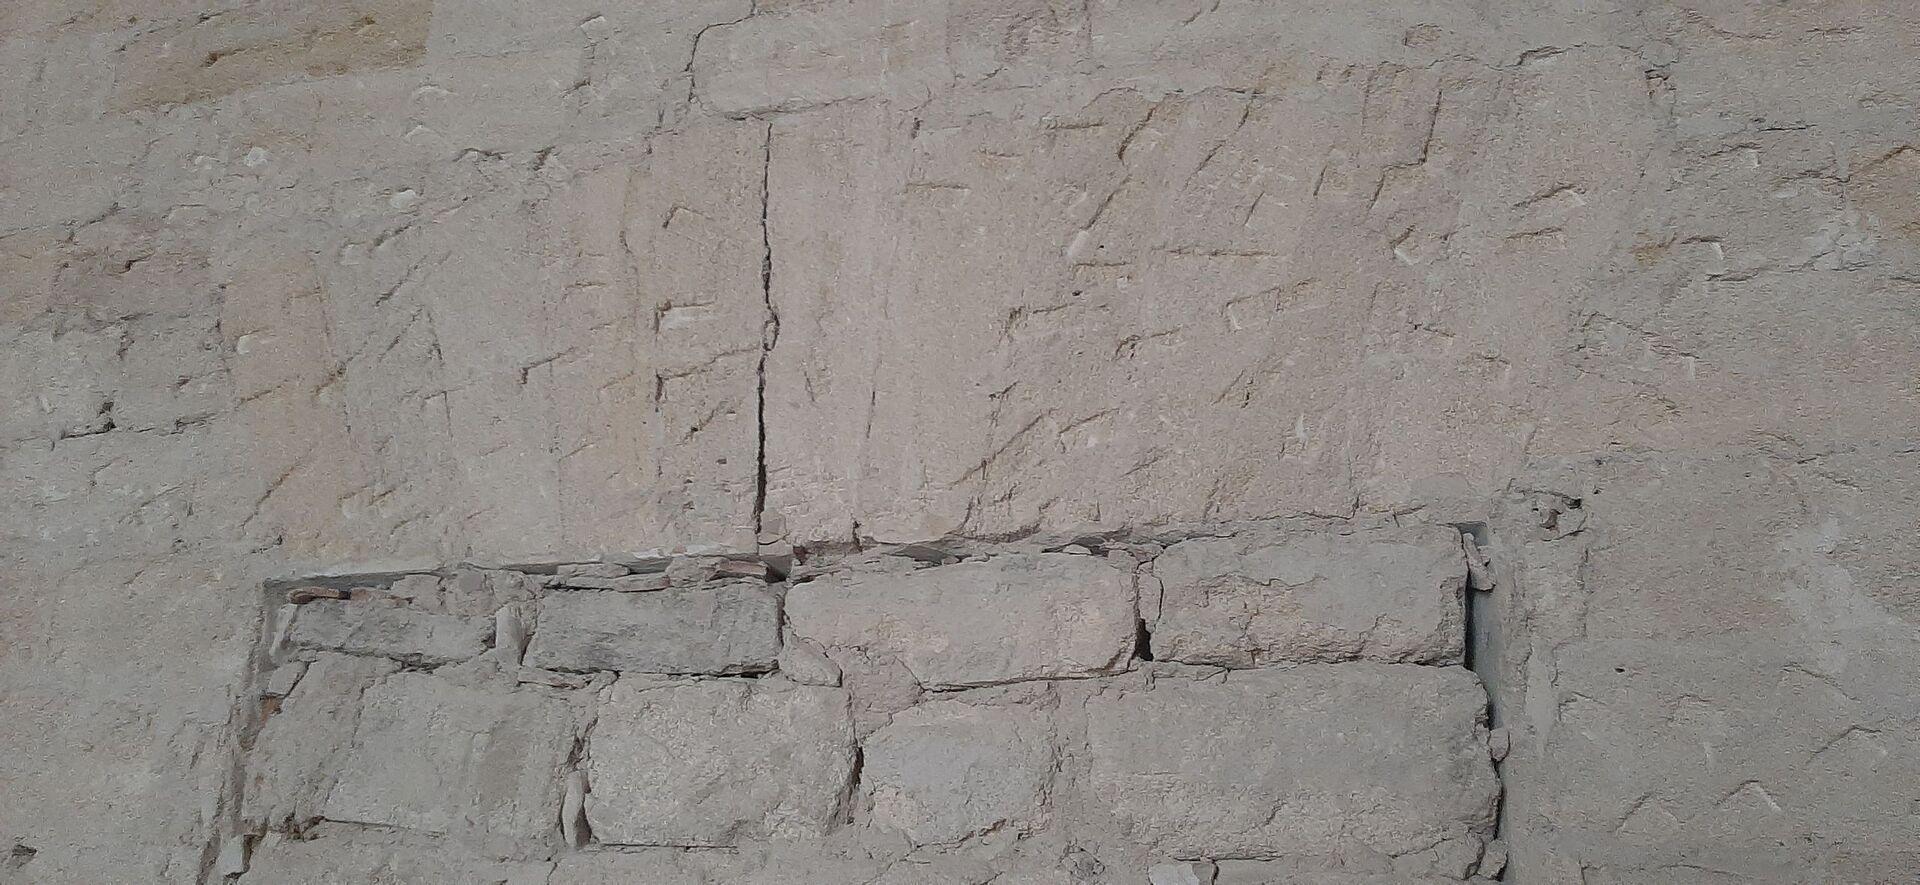 В стенах под слоями штукатурки обнаруживаются старинные проемы, о которых никто не знал - РИА Новости, 1920, 11.08.2021